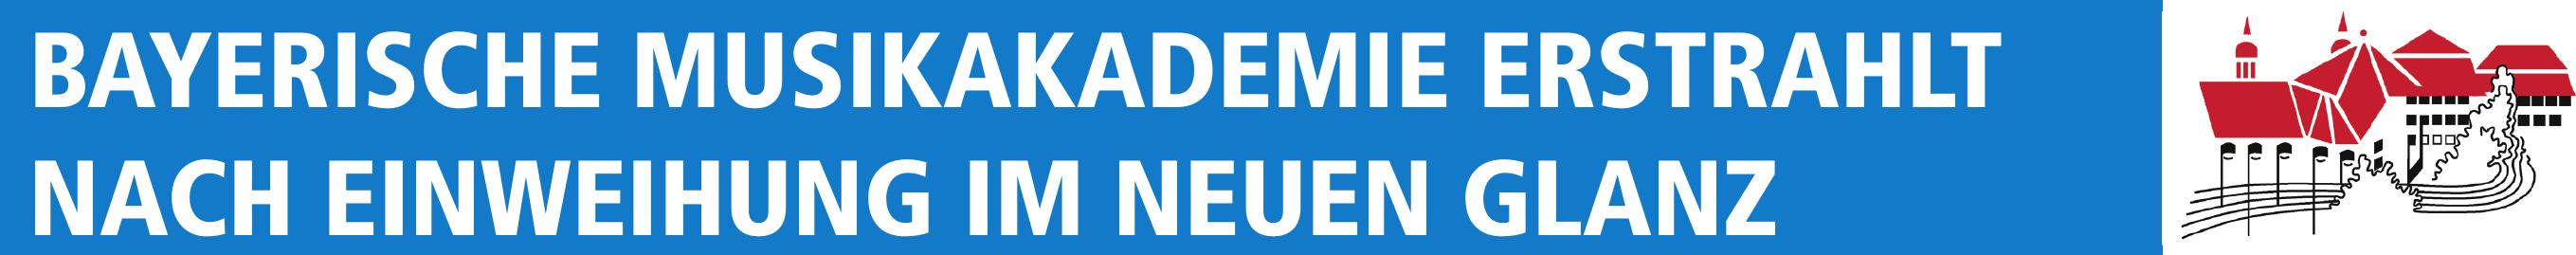 Bayerische Musikakademie erstrahlt nach Einweihung im neuen Glanz Image 1